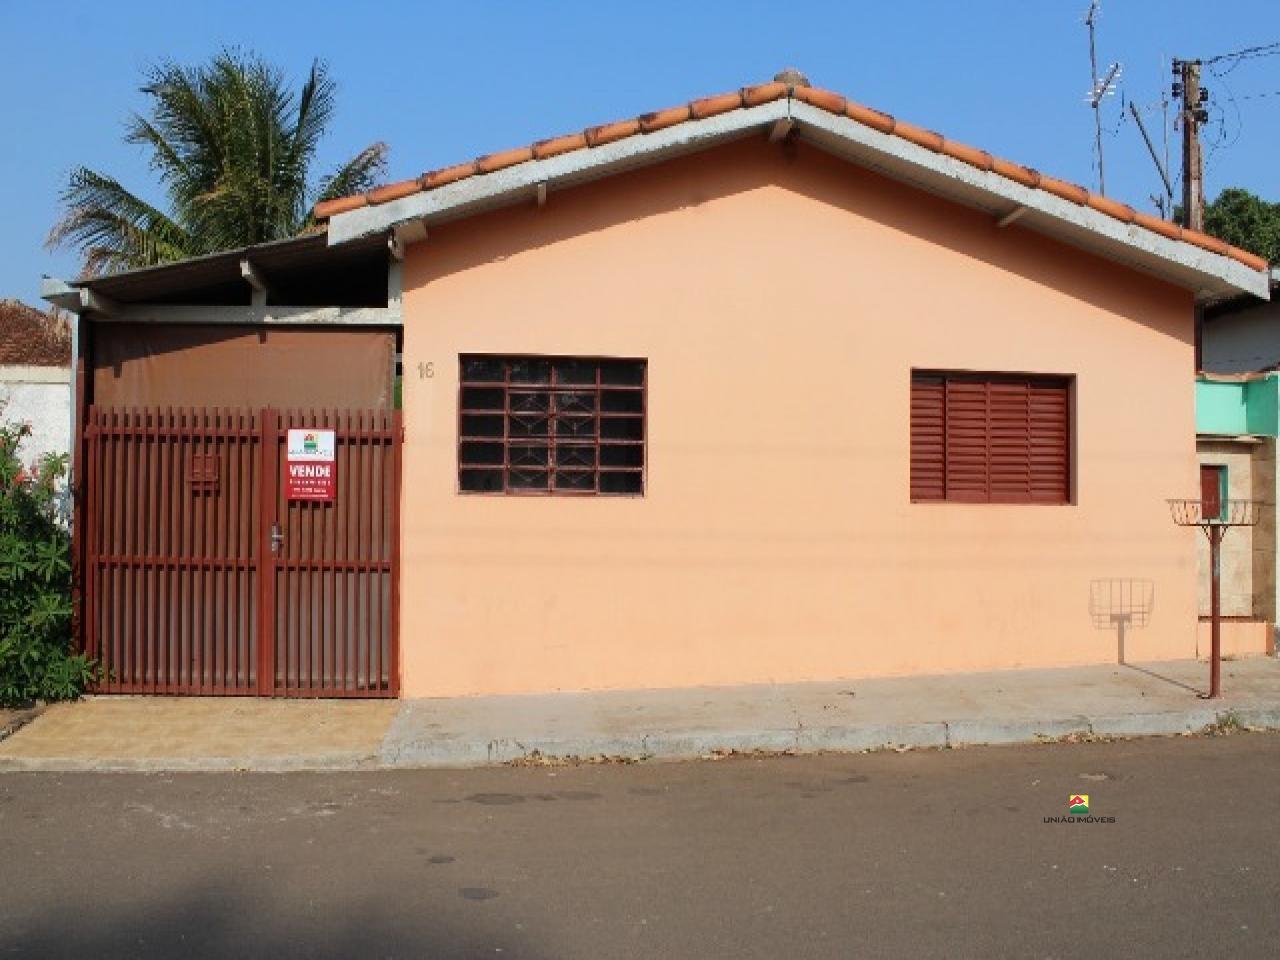 http://www2.sgn2.com.br/clientes/itirapina/vda/v2530a.jpg